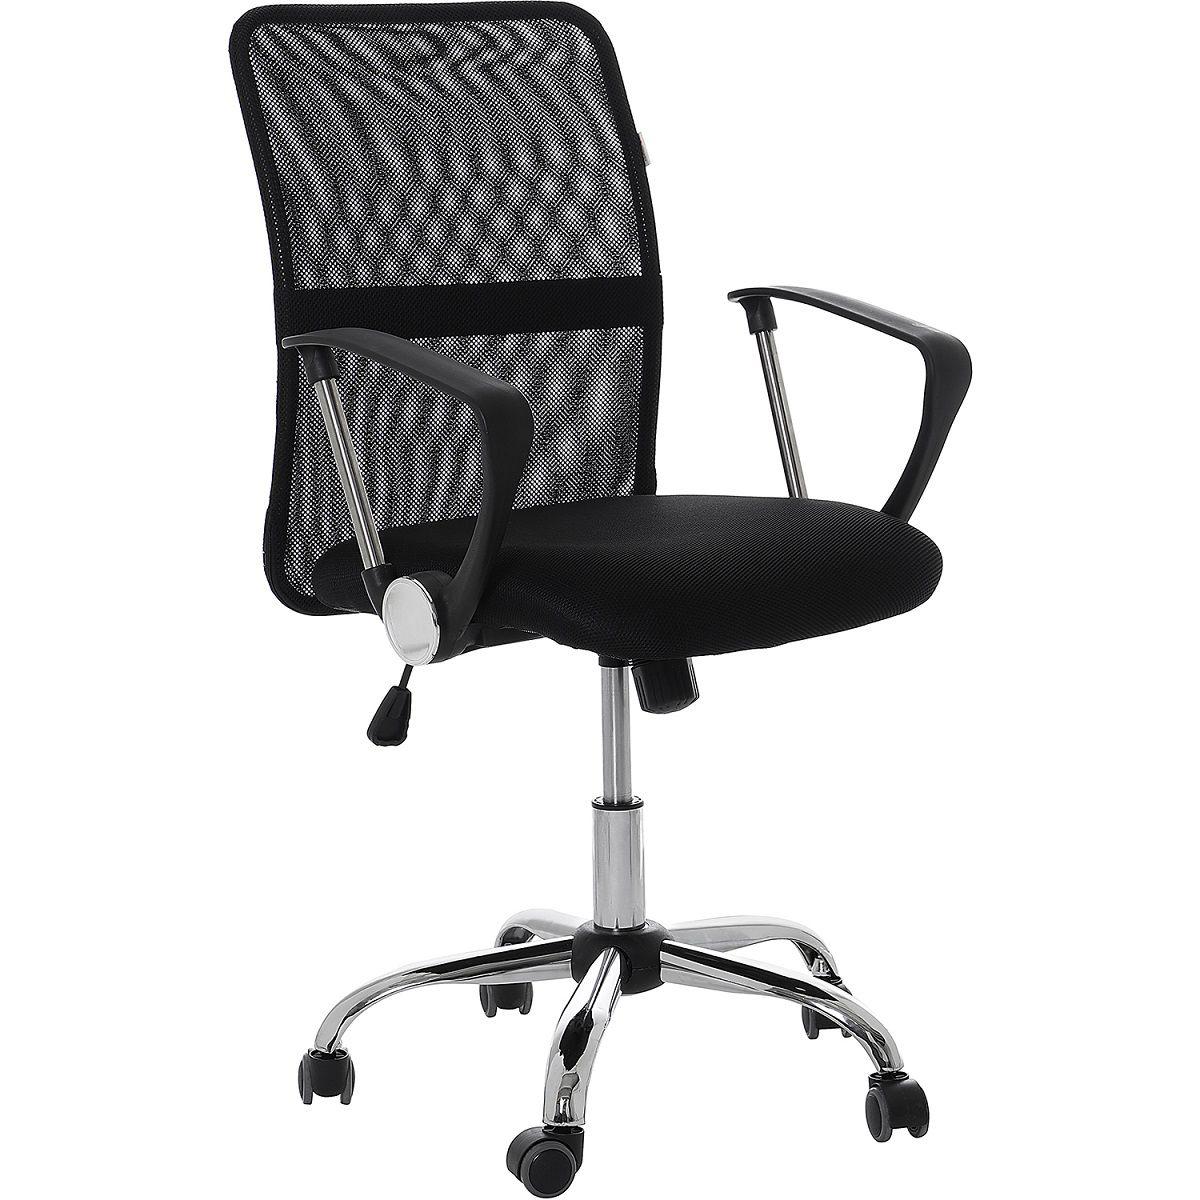 Cadeira Escritório Executiva Giratória Pelegrin Preto Regulagem De Altura a Gás Tela PEL-501